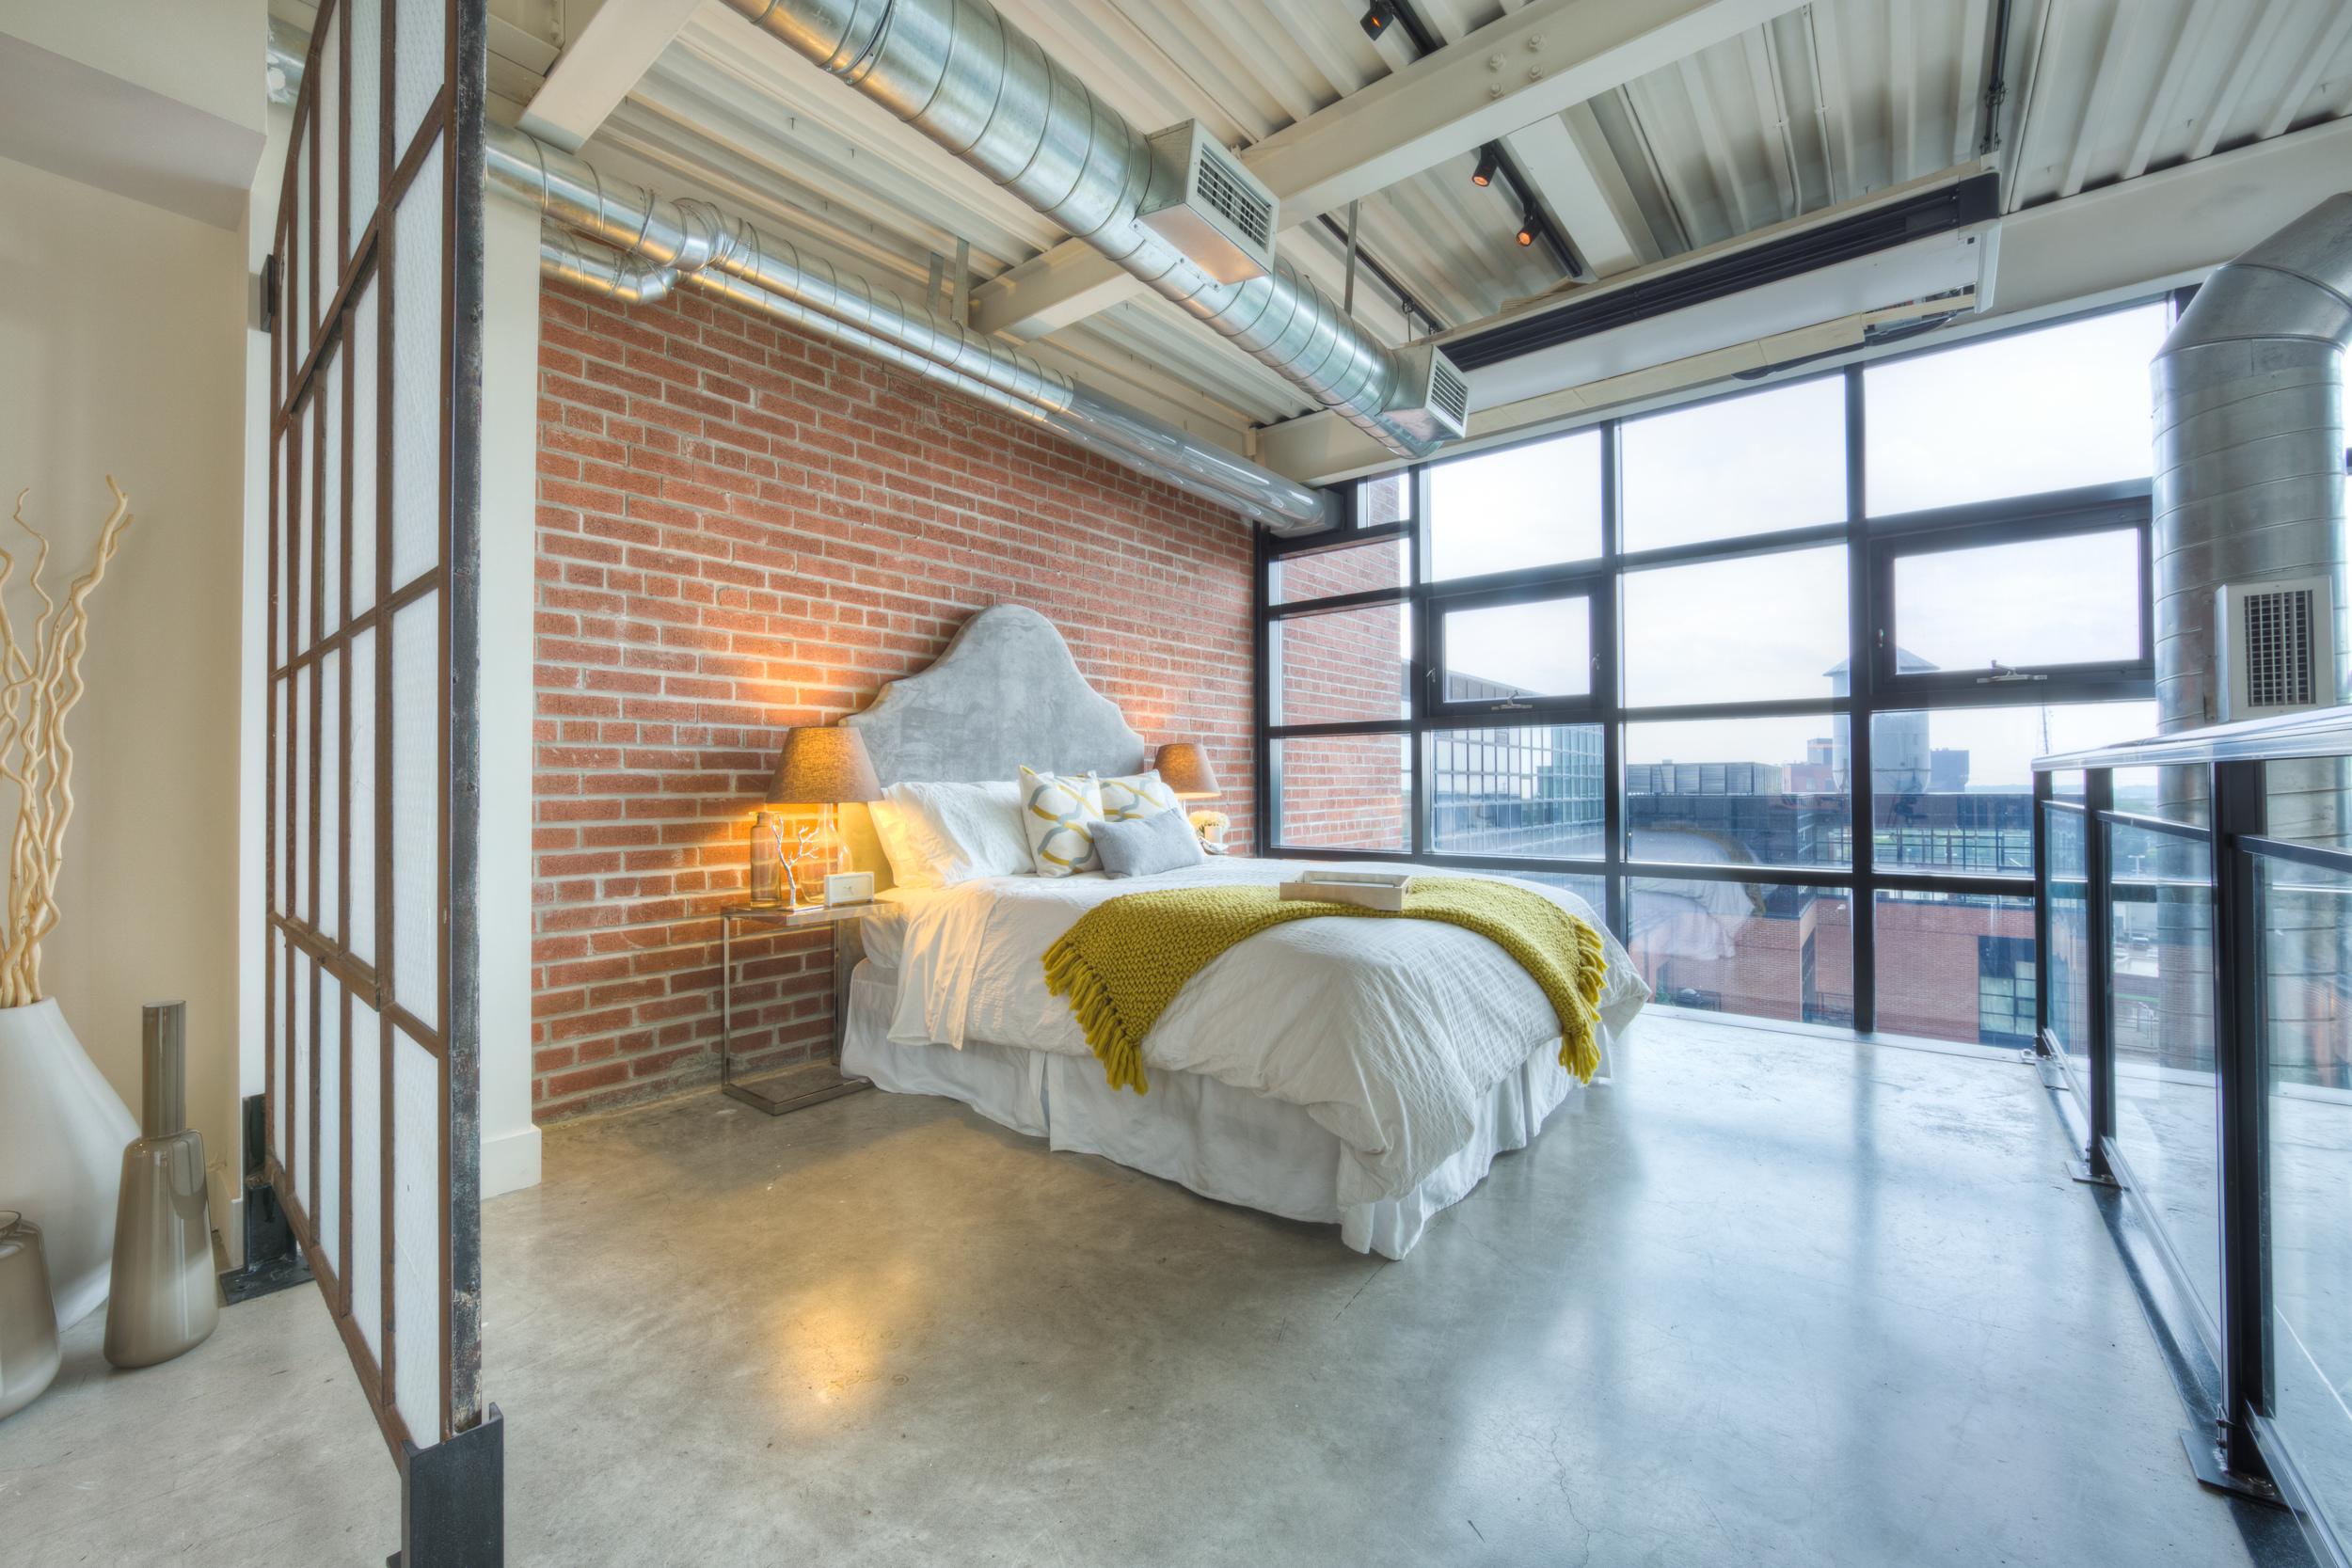 Loft Staging for sale - Bedroom